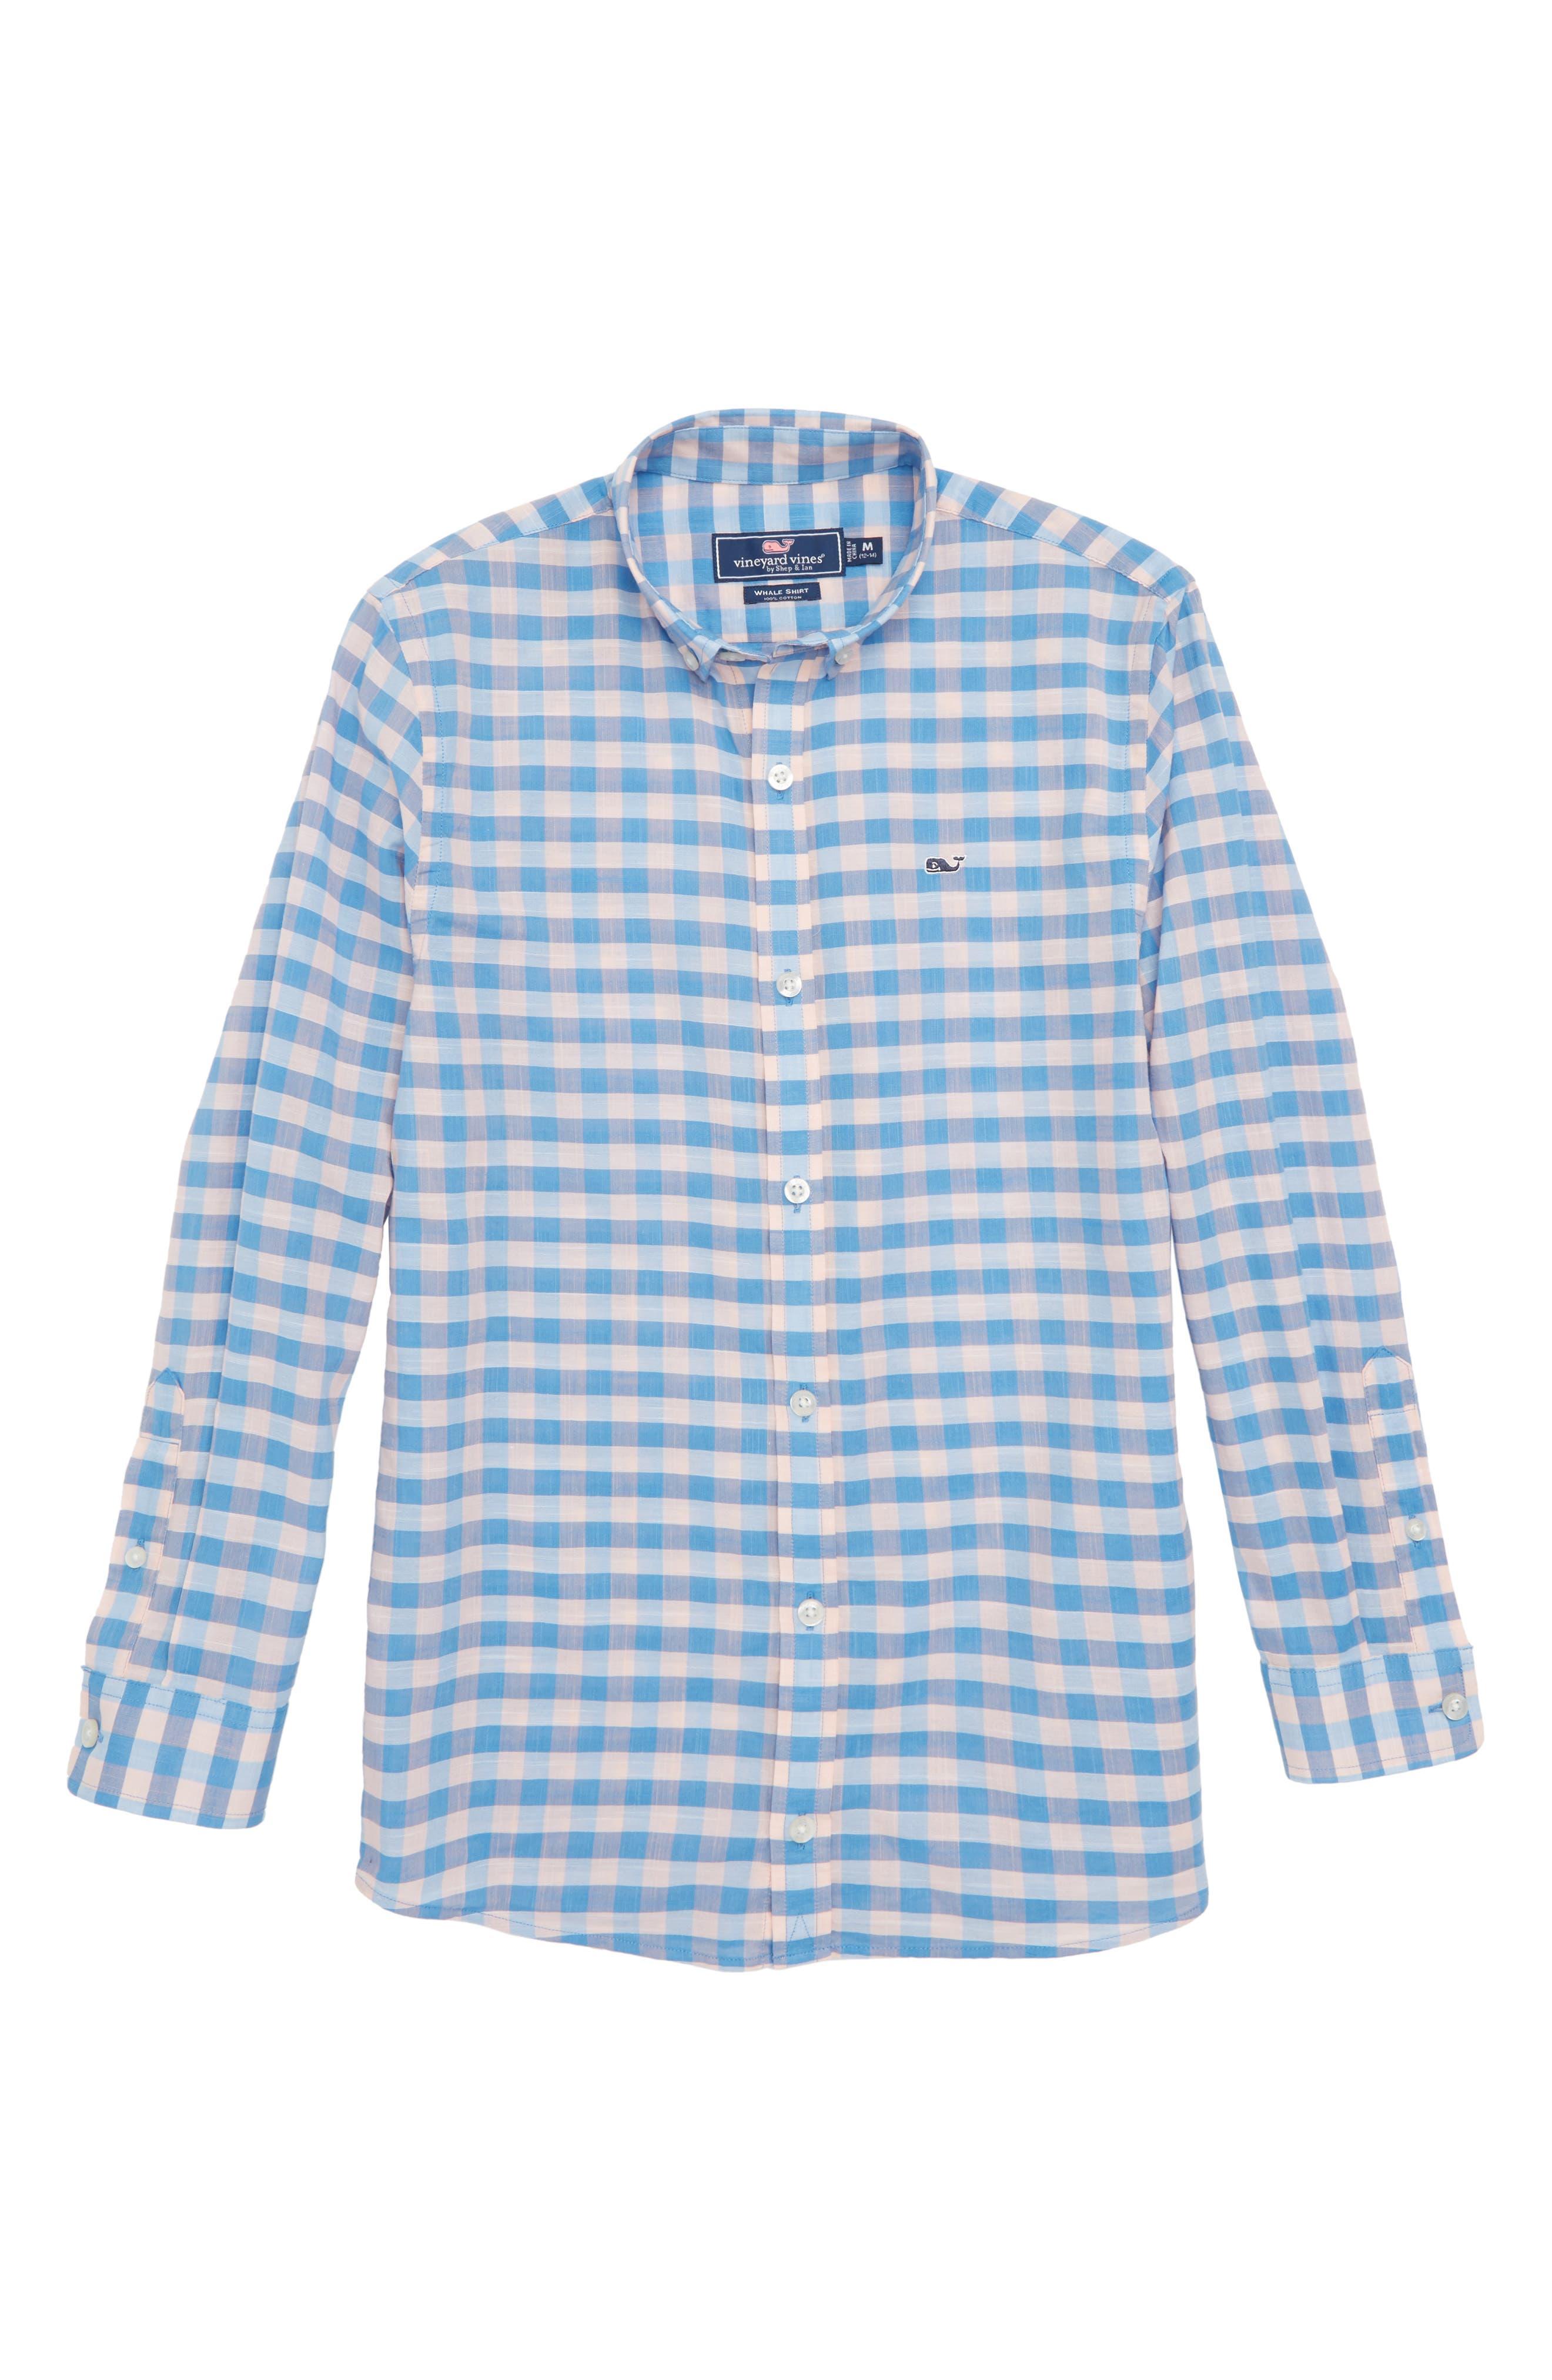 Pelican Cay Beach Check Woven Shirt,                         Main,                         color, Peachy